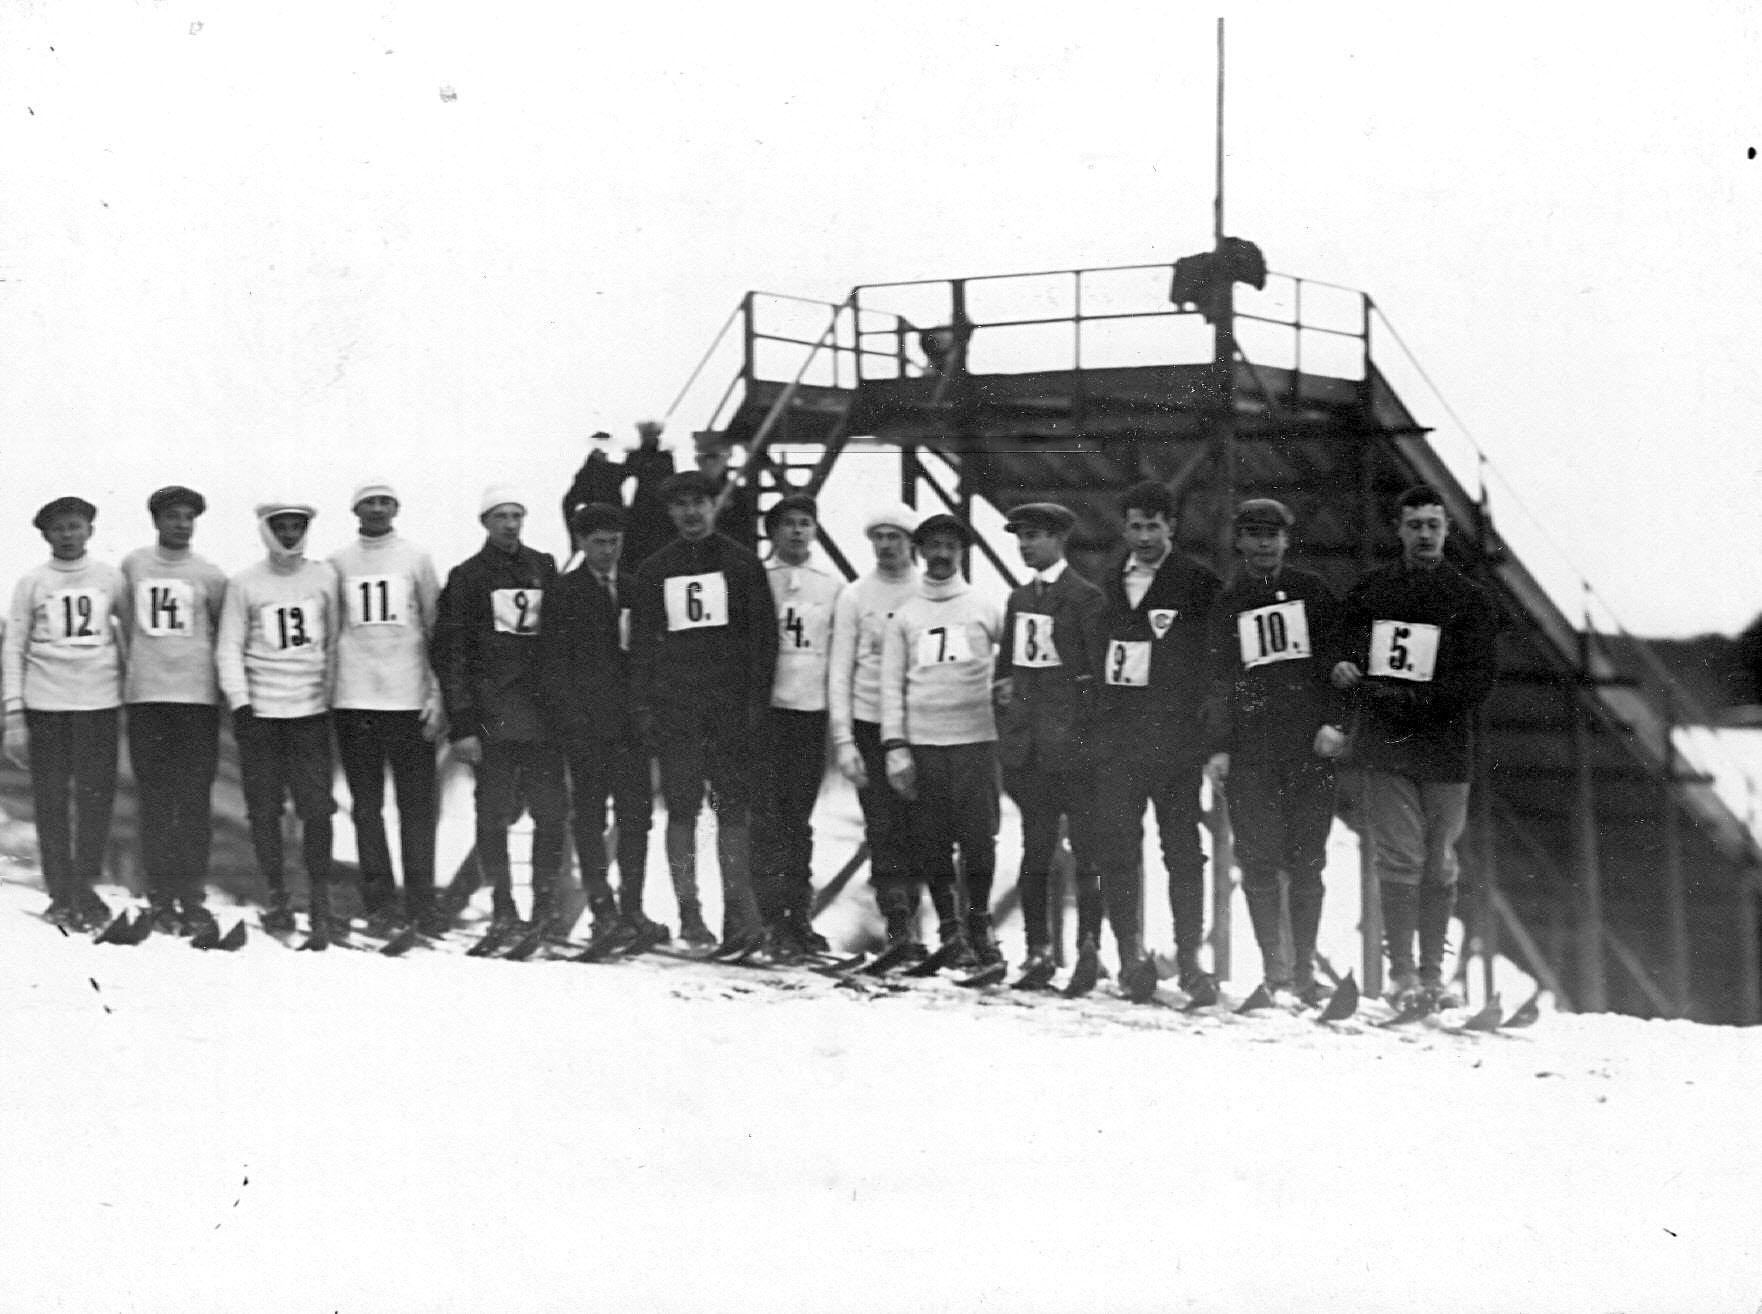 Группа участников состязаний по прыжкам с трамплина